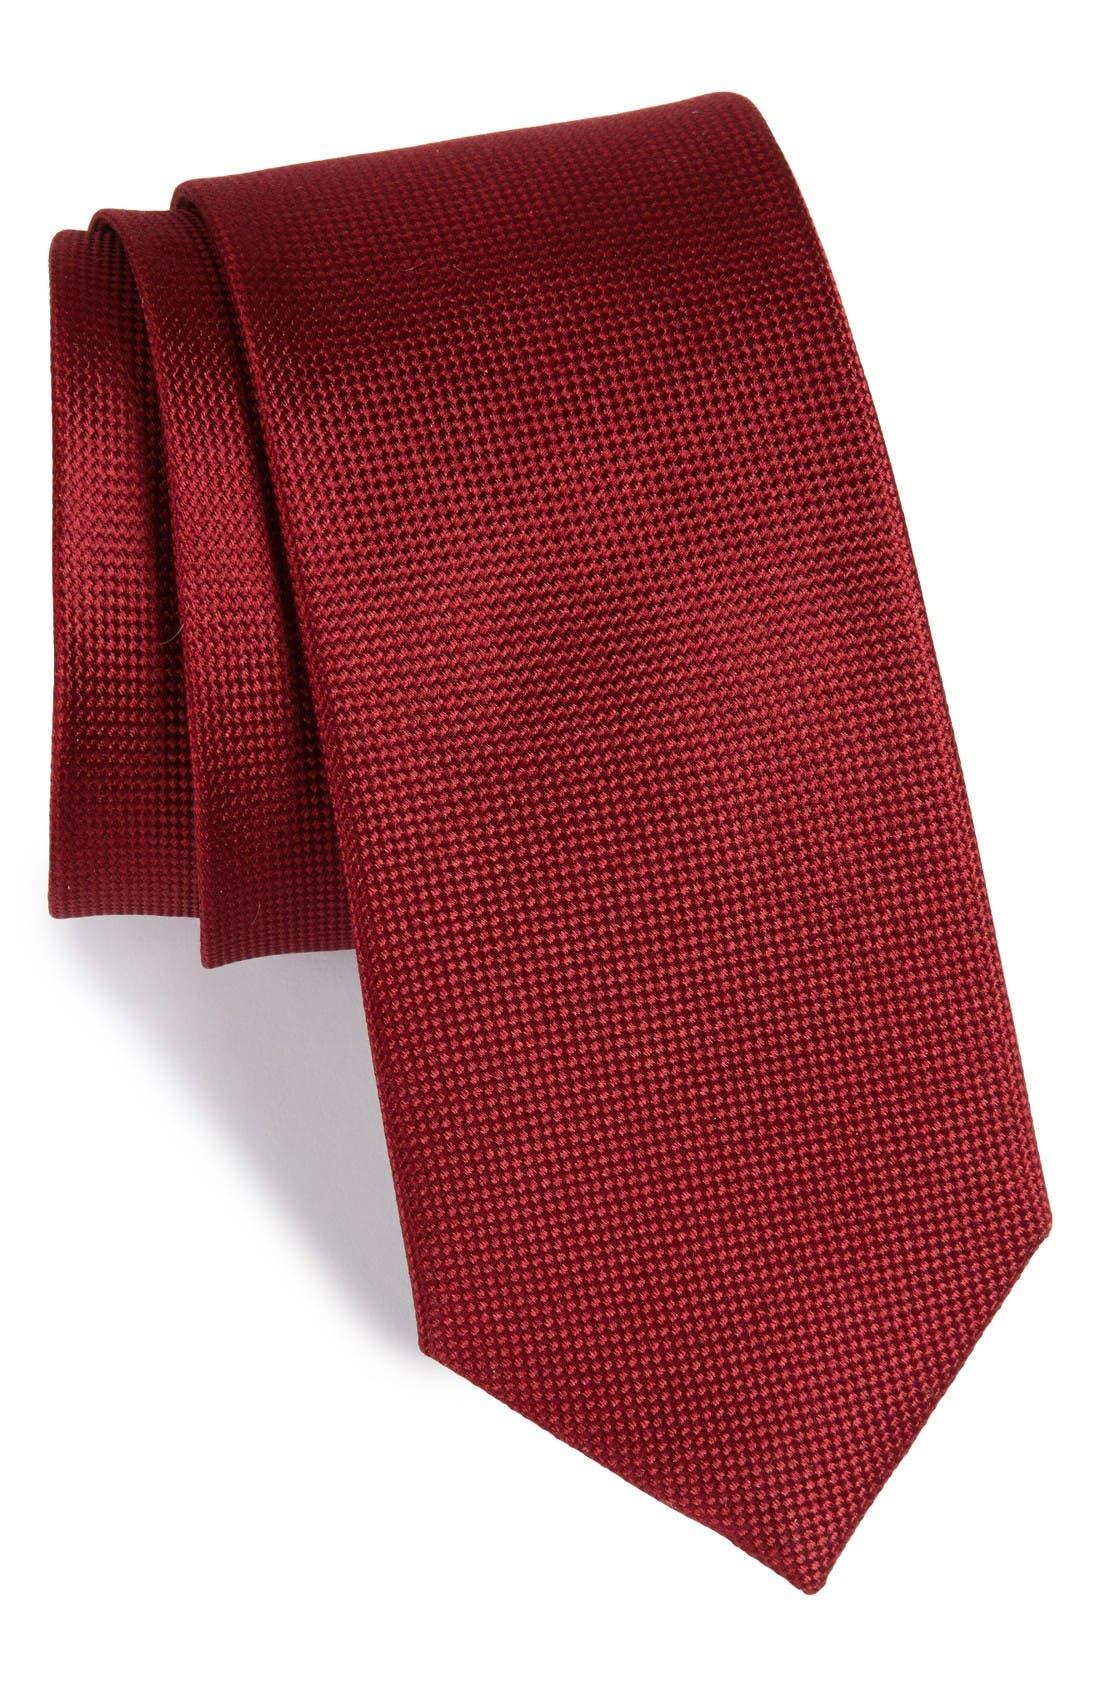 Main Image - The Tie Bar Solid Silk Tie